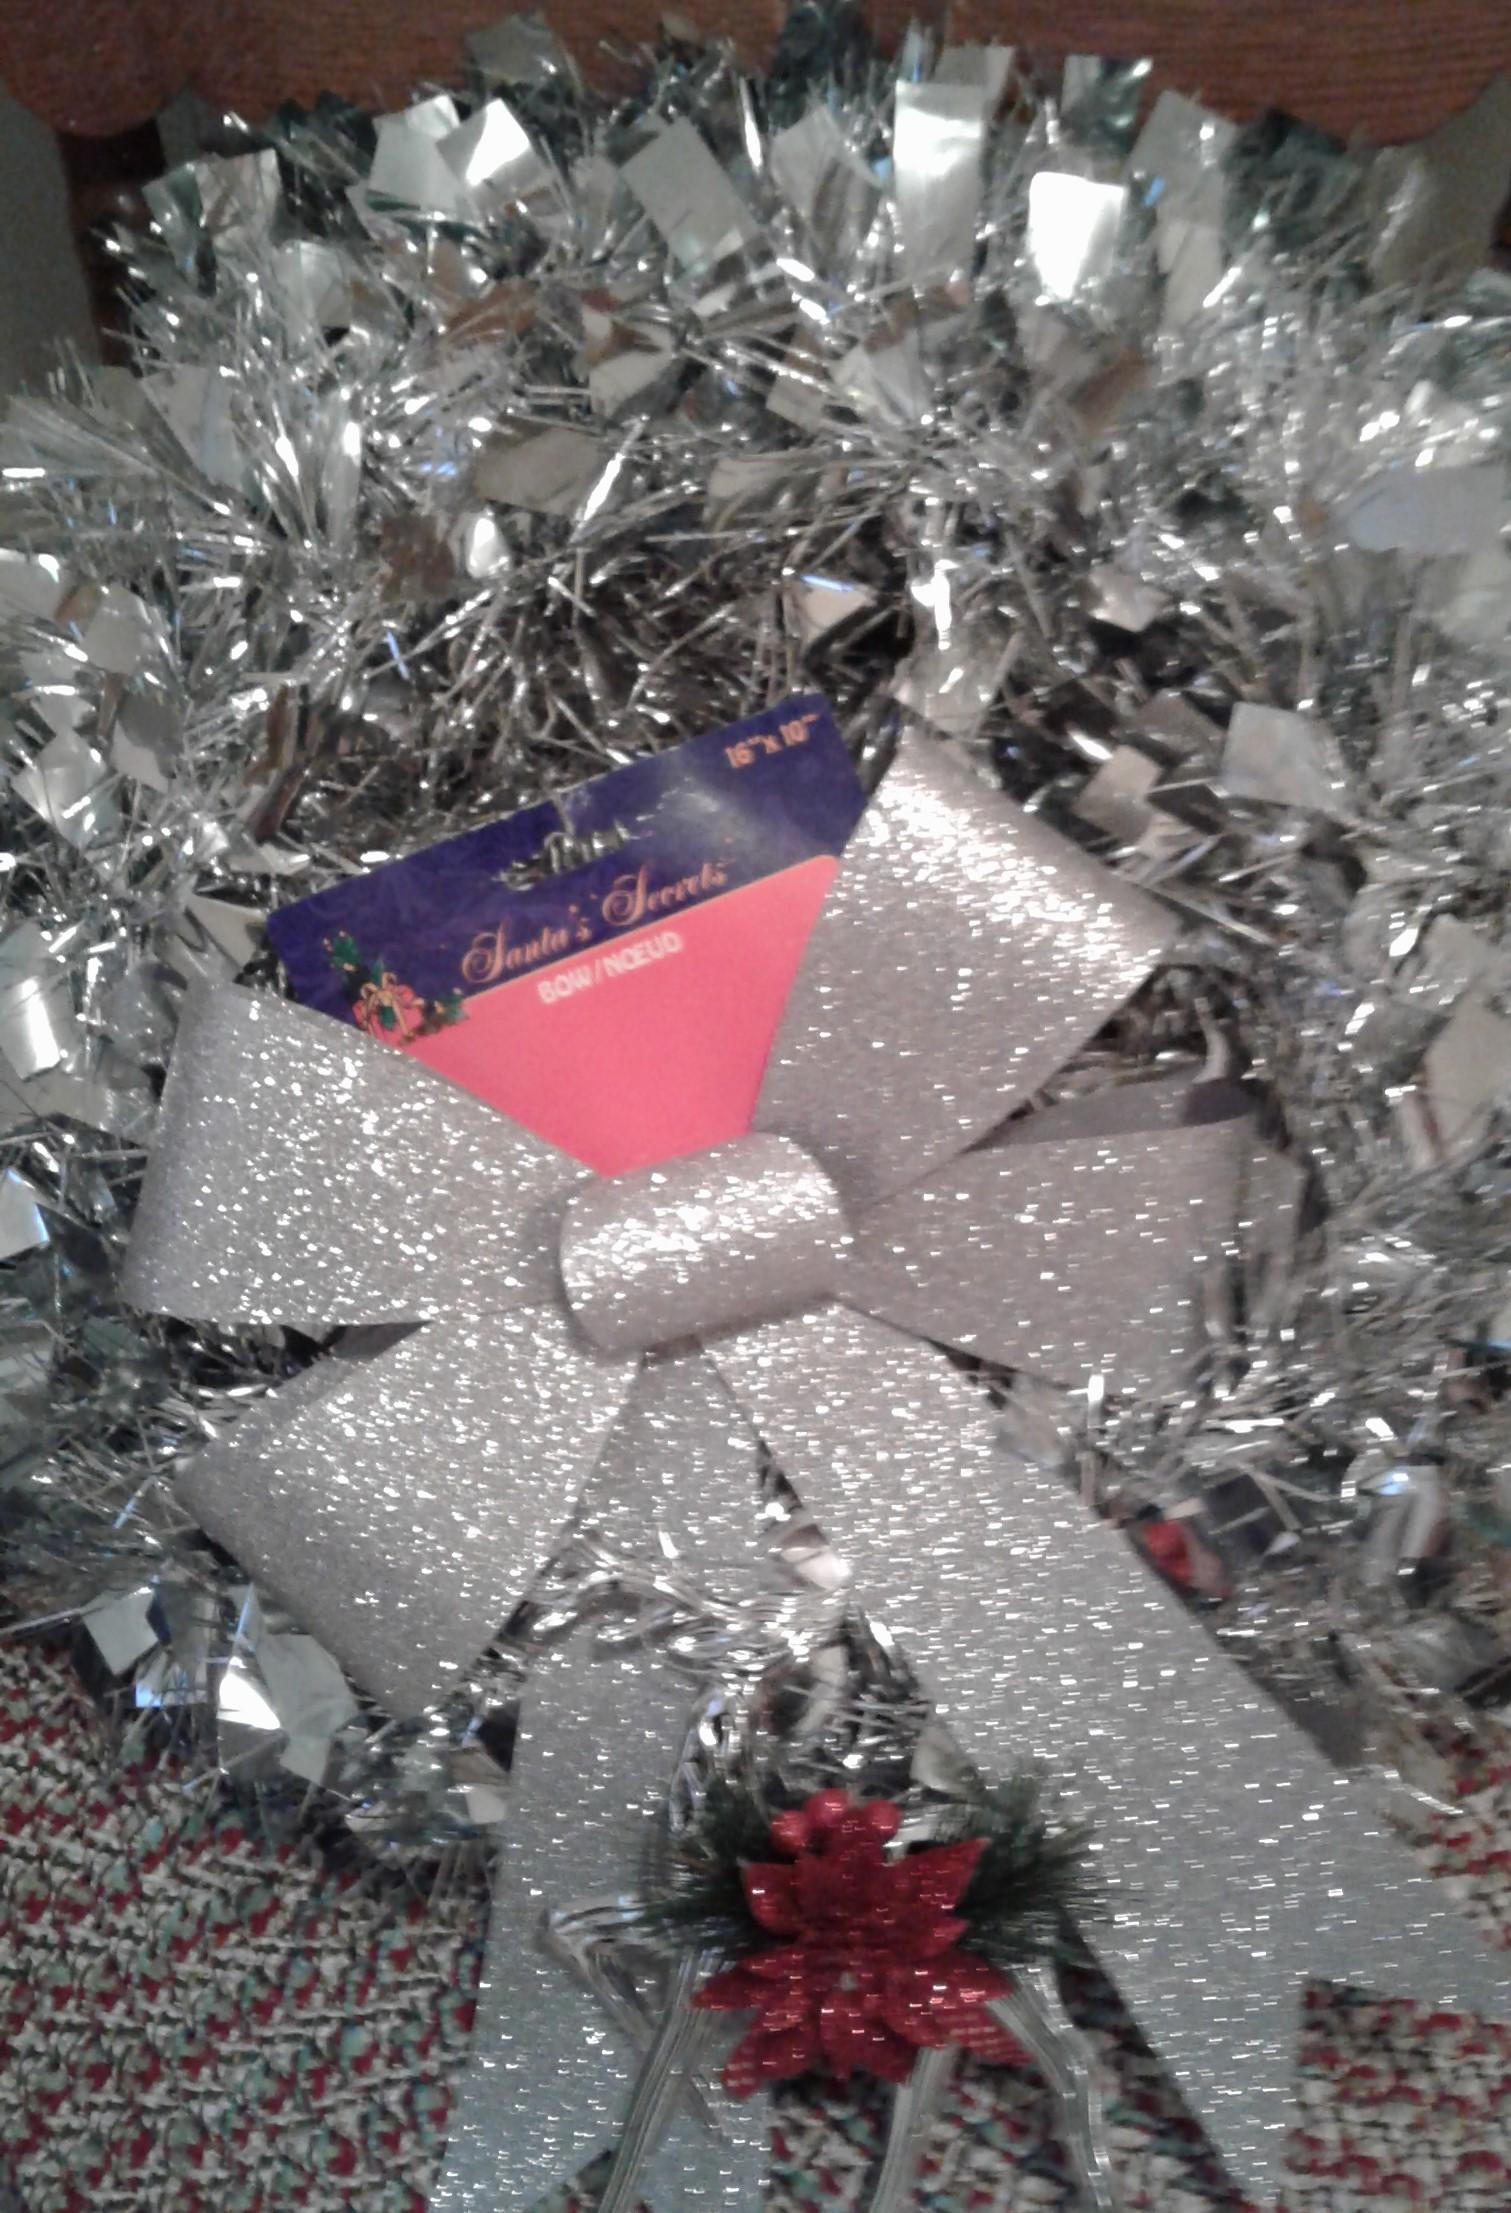 Sparkly Christmas wreaths